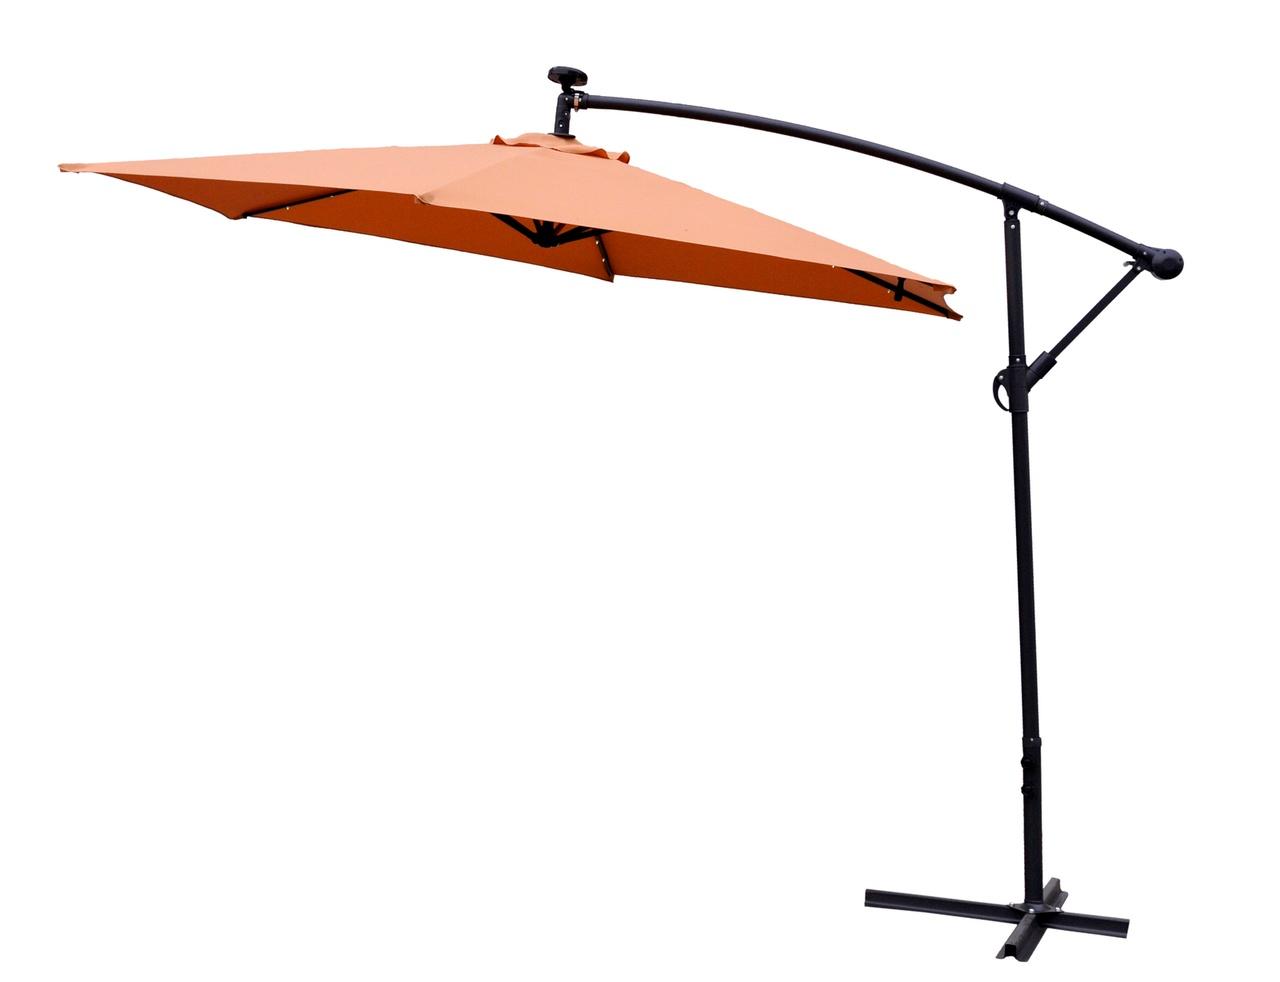 Aga Zahradní slunečník EXCLUSIV LED 300 cm Orange